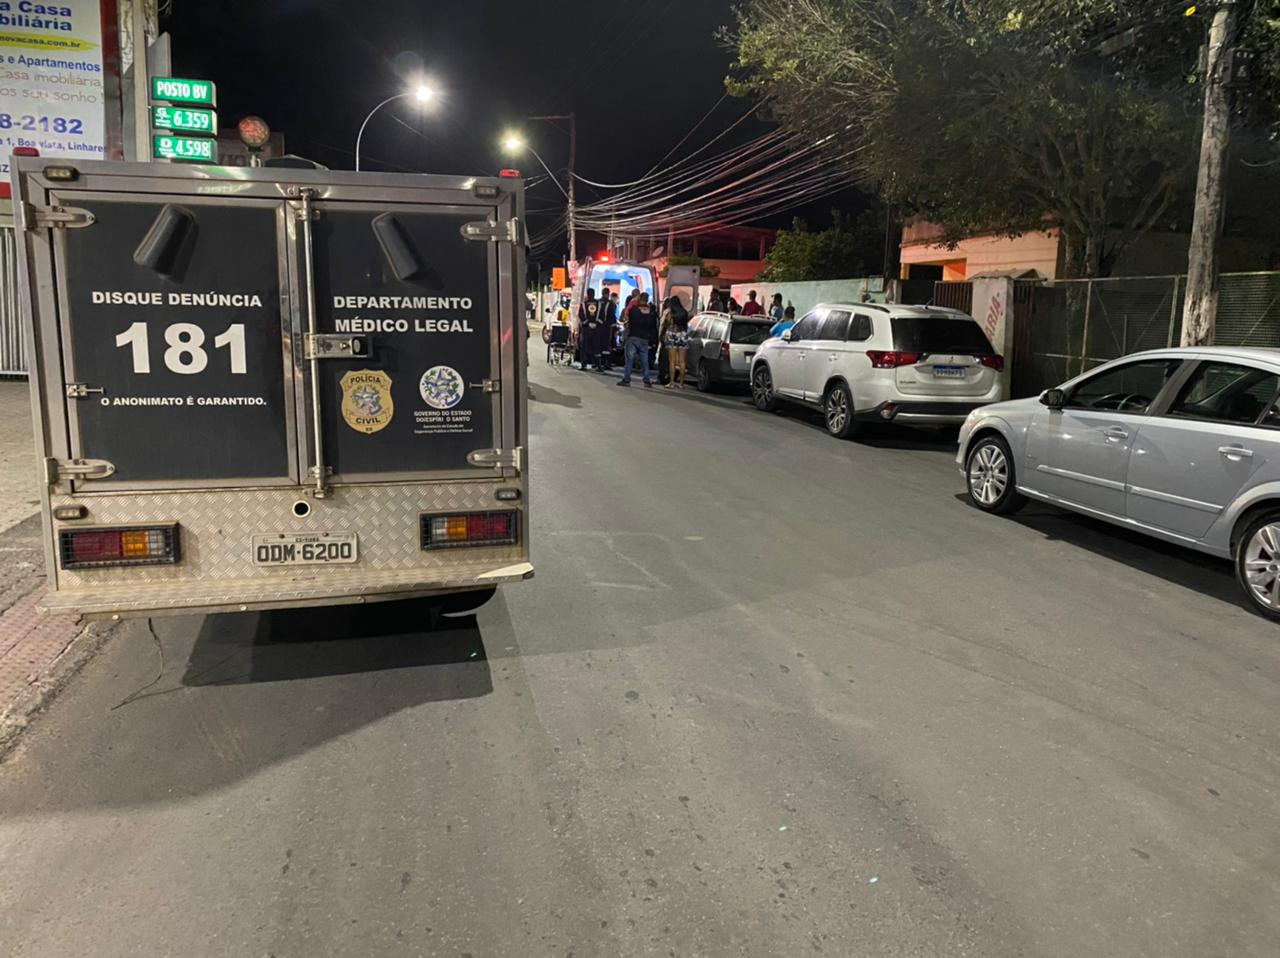 Menina de 2 anos é atropelada por ônibus e morre em Linhares. Crédito: Caio Dias